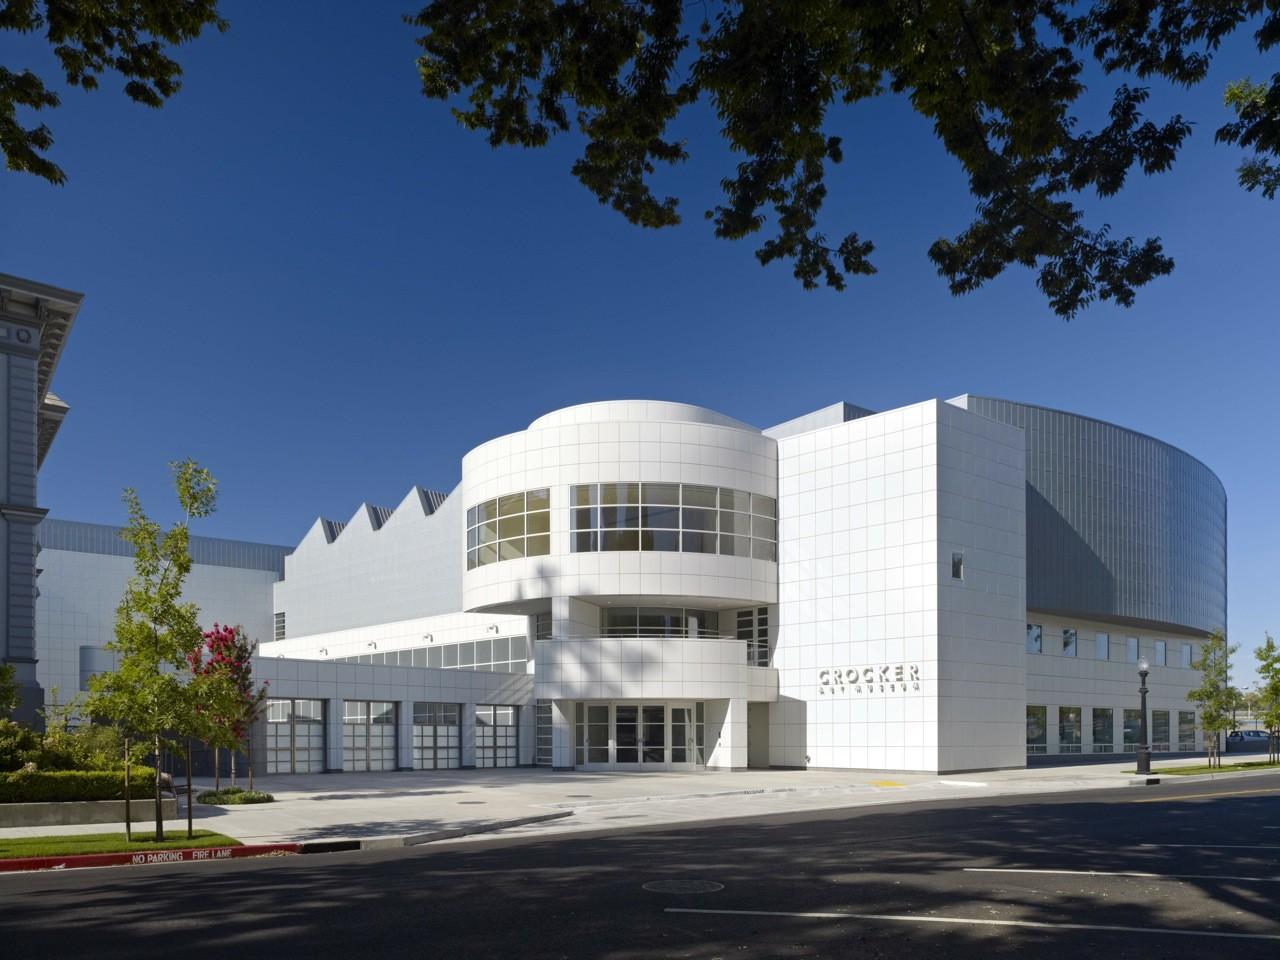 Crocker Art Museum Gwathmey Siegel & Associates